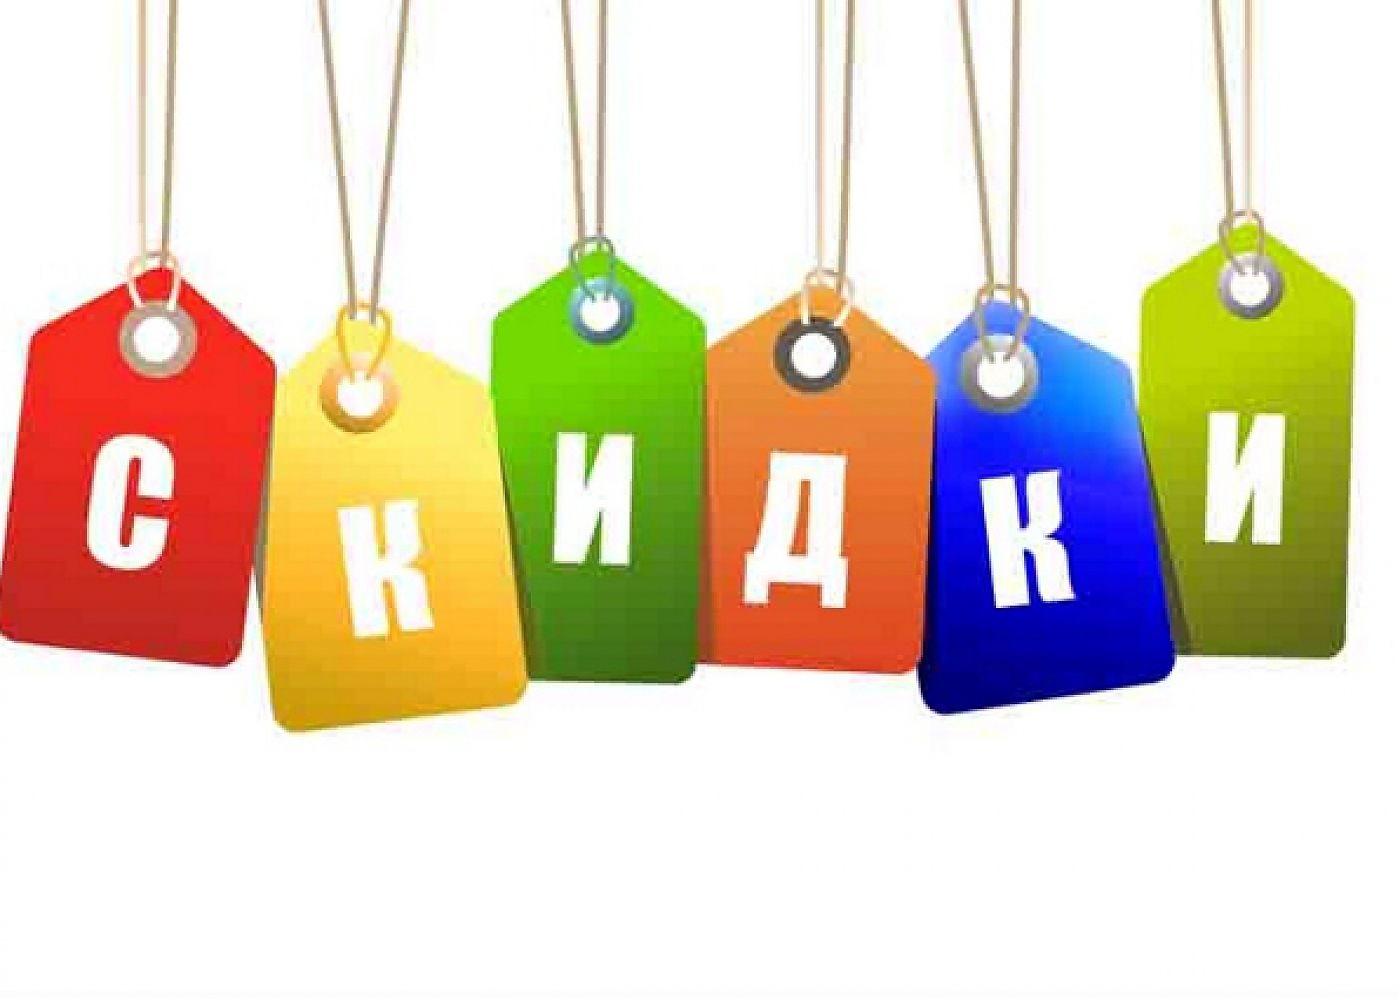 Информируйте в текстах объявлений о скидках акциях подарках и т.д